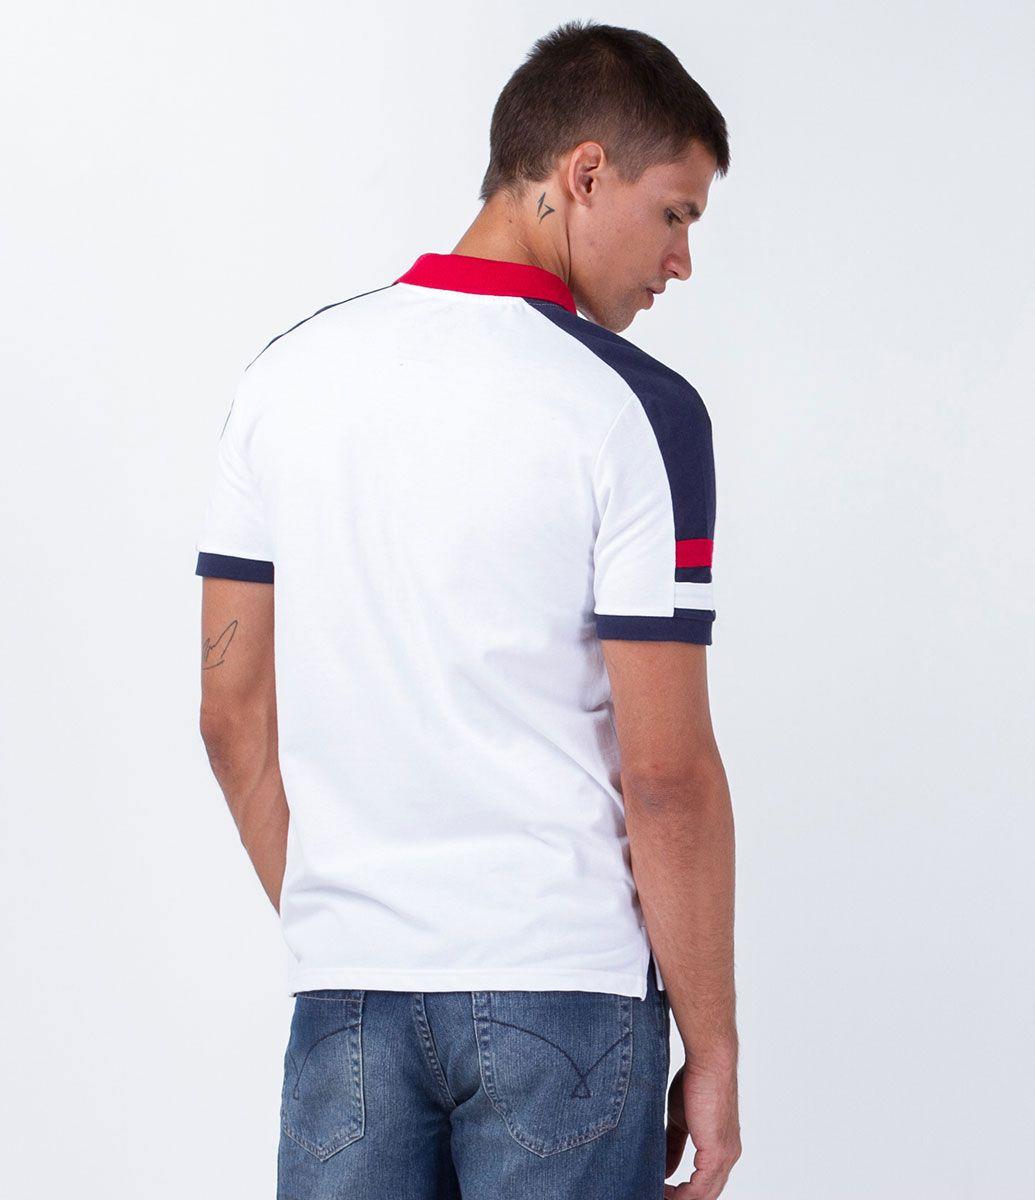 Camisa masculina Manga curta Gola polo Com recortes nos ombros Com bordado  Marca: Marfinno Tecido